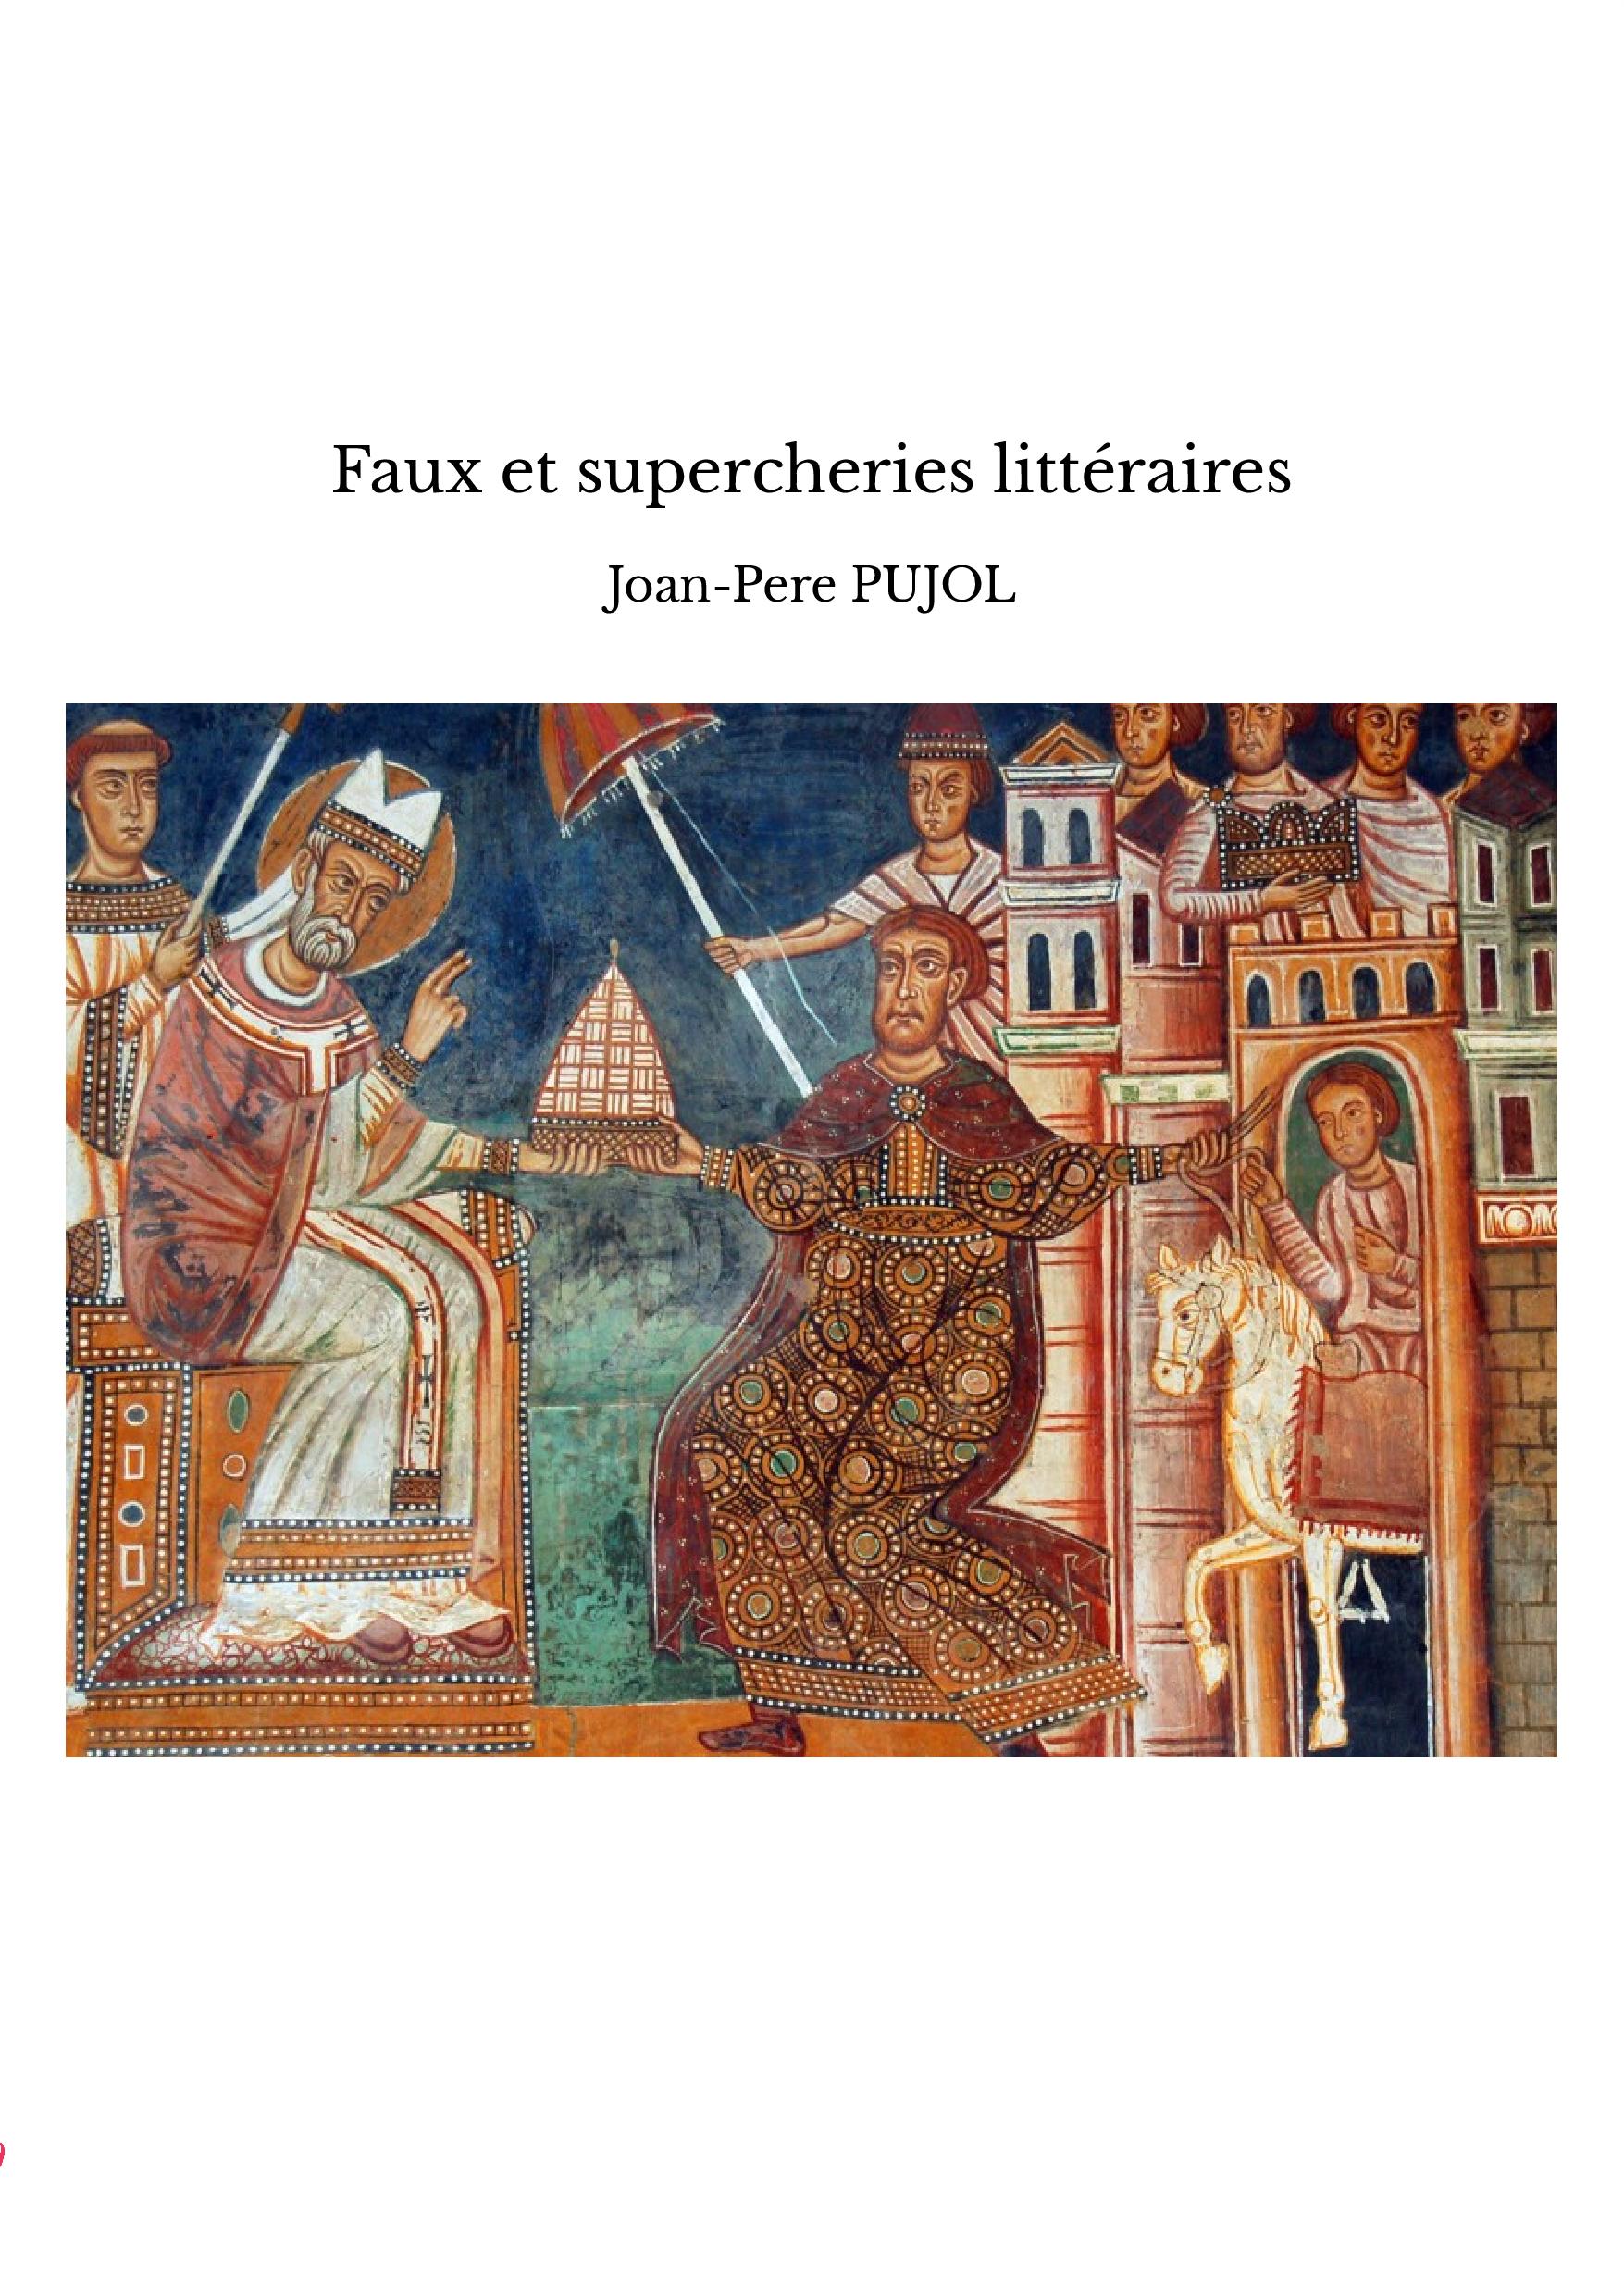 Faux et supercheries littéraires